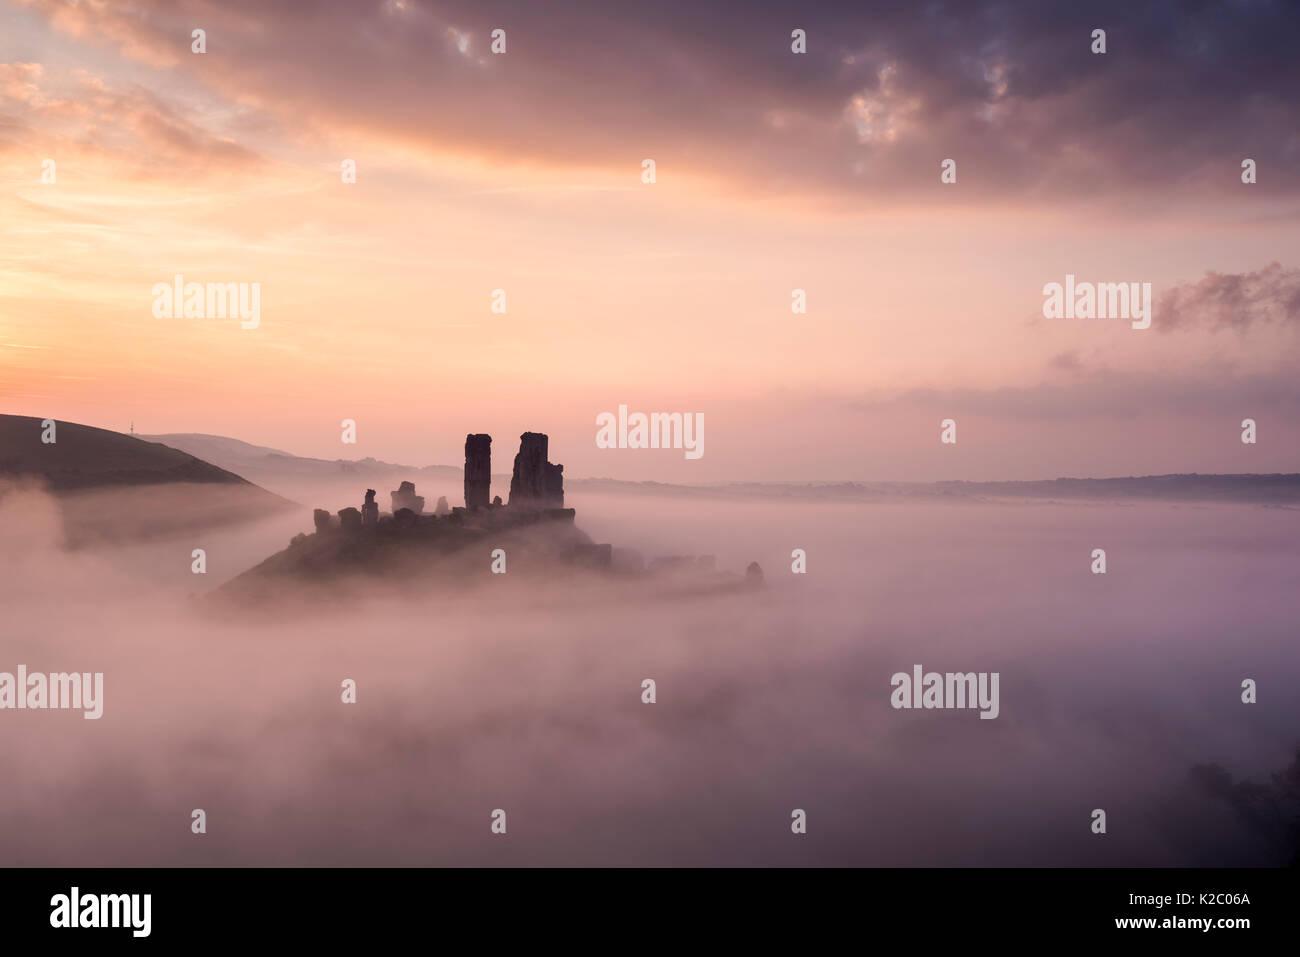 Corfe Castle e il villaggio all'alba con nebbia, Corfe Castle, l'Purbecks, Dorset, Regno Unito. Settembre 2014. Foto Stock